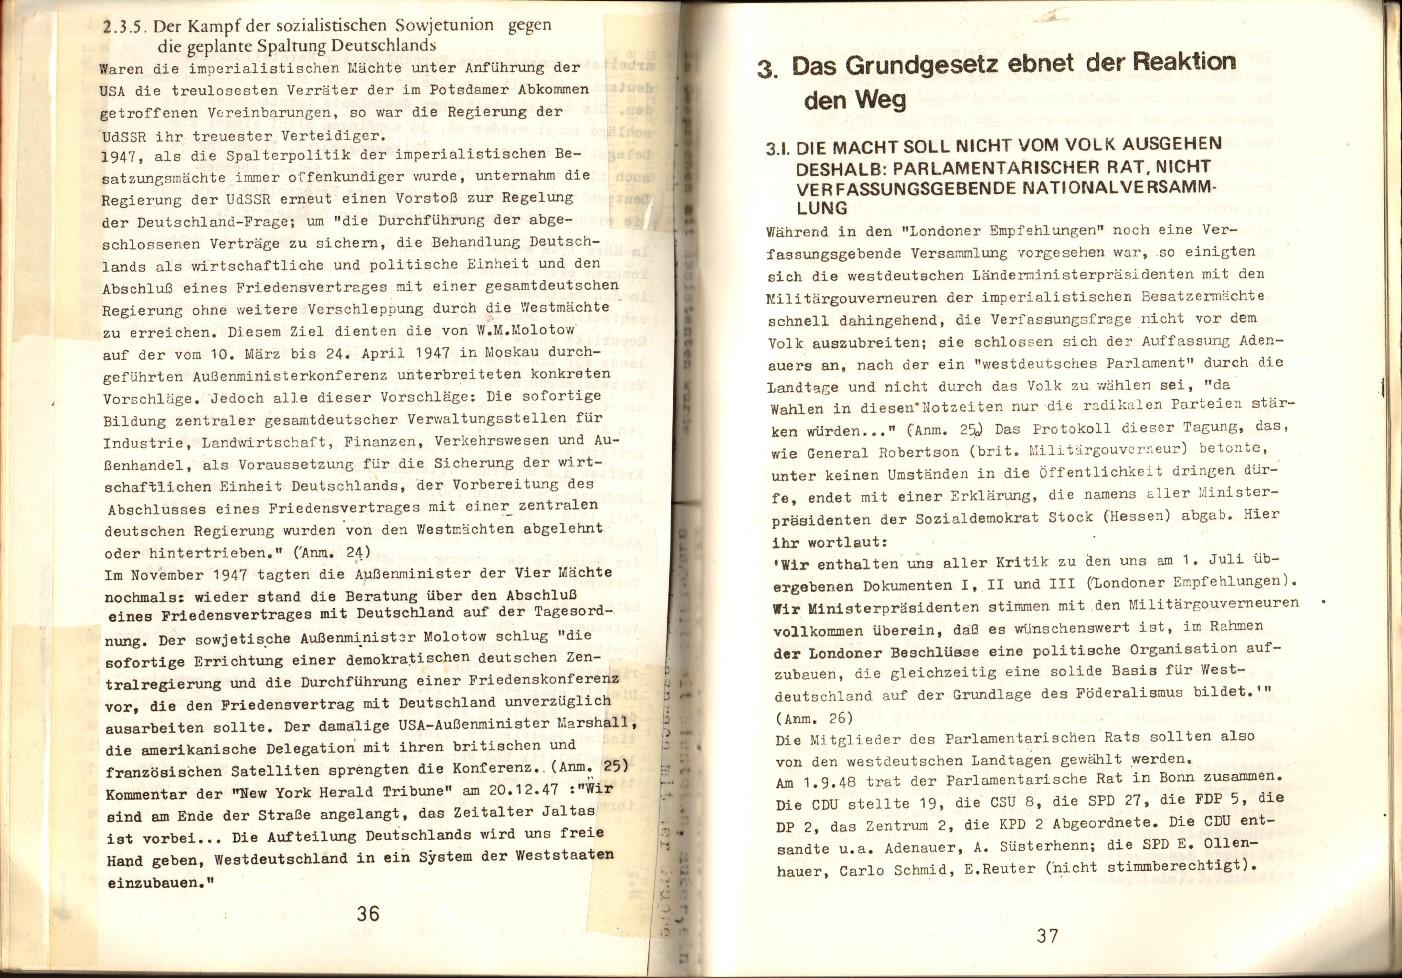 KHB_RSF_1974_25_Jahre_Grundgesetz_21